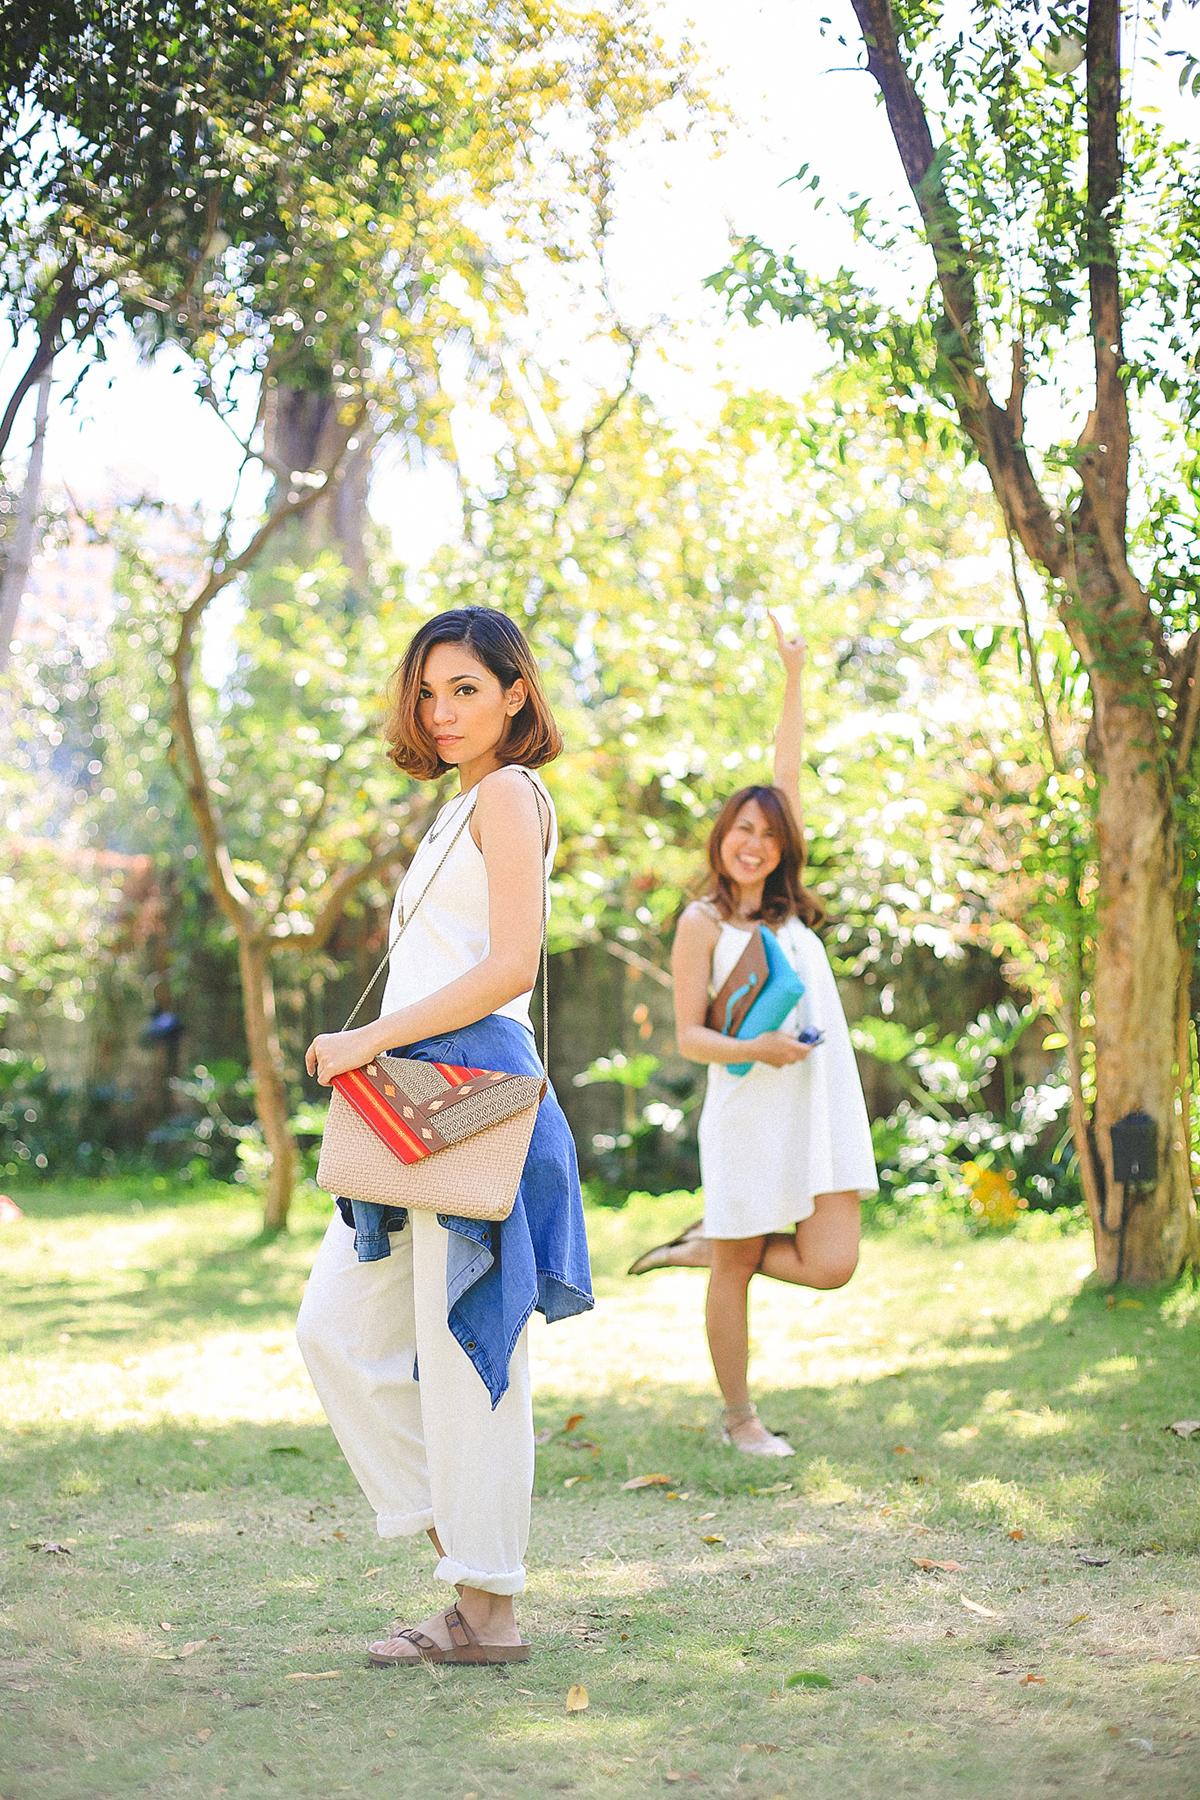 rags-2-riches-viaje-lookbook-look2-10